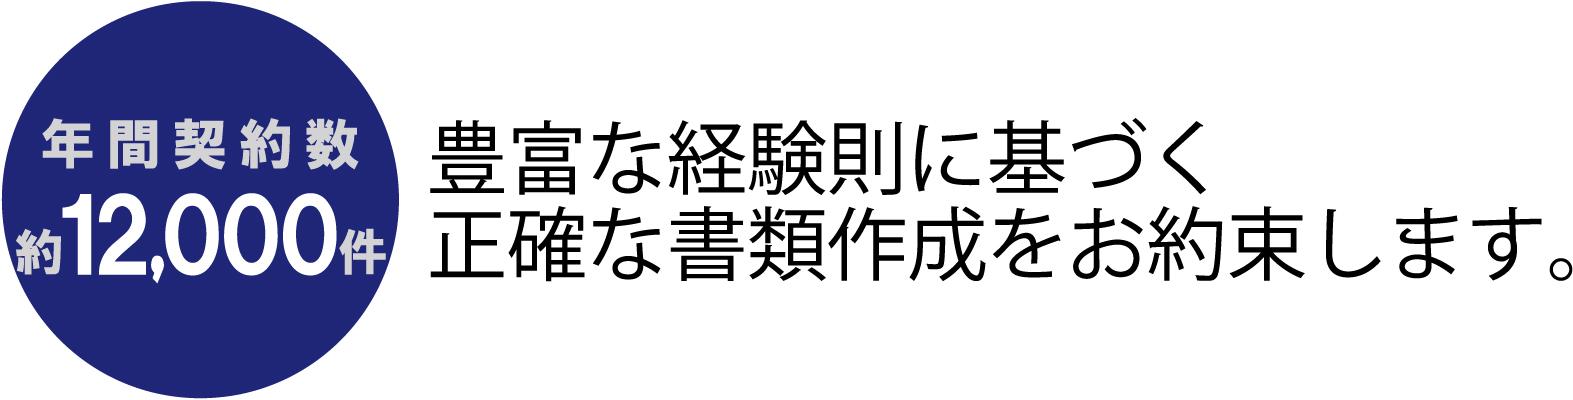 東京の大手行政書士事務所でございます。